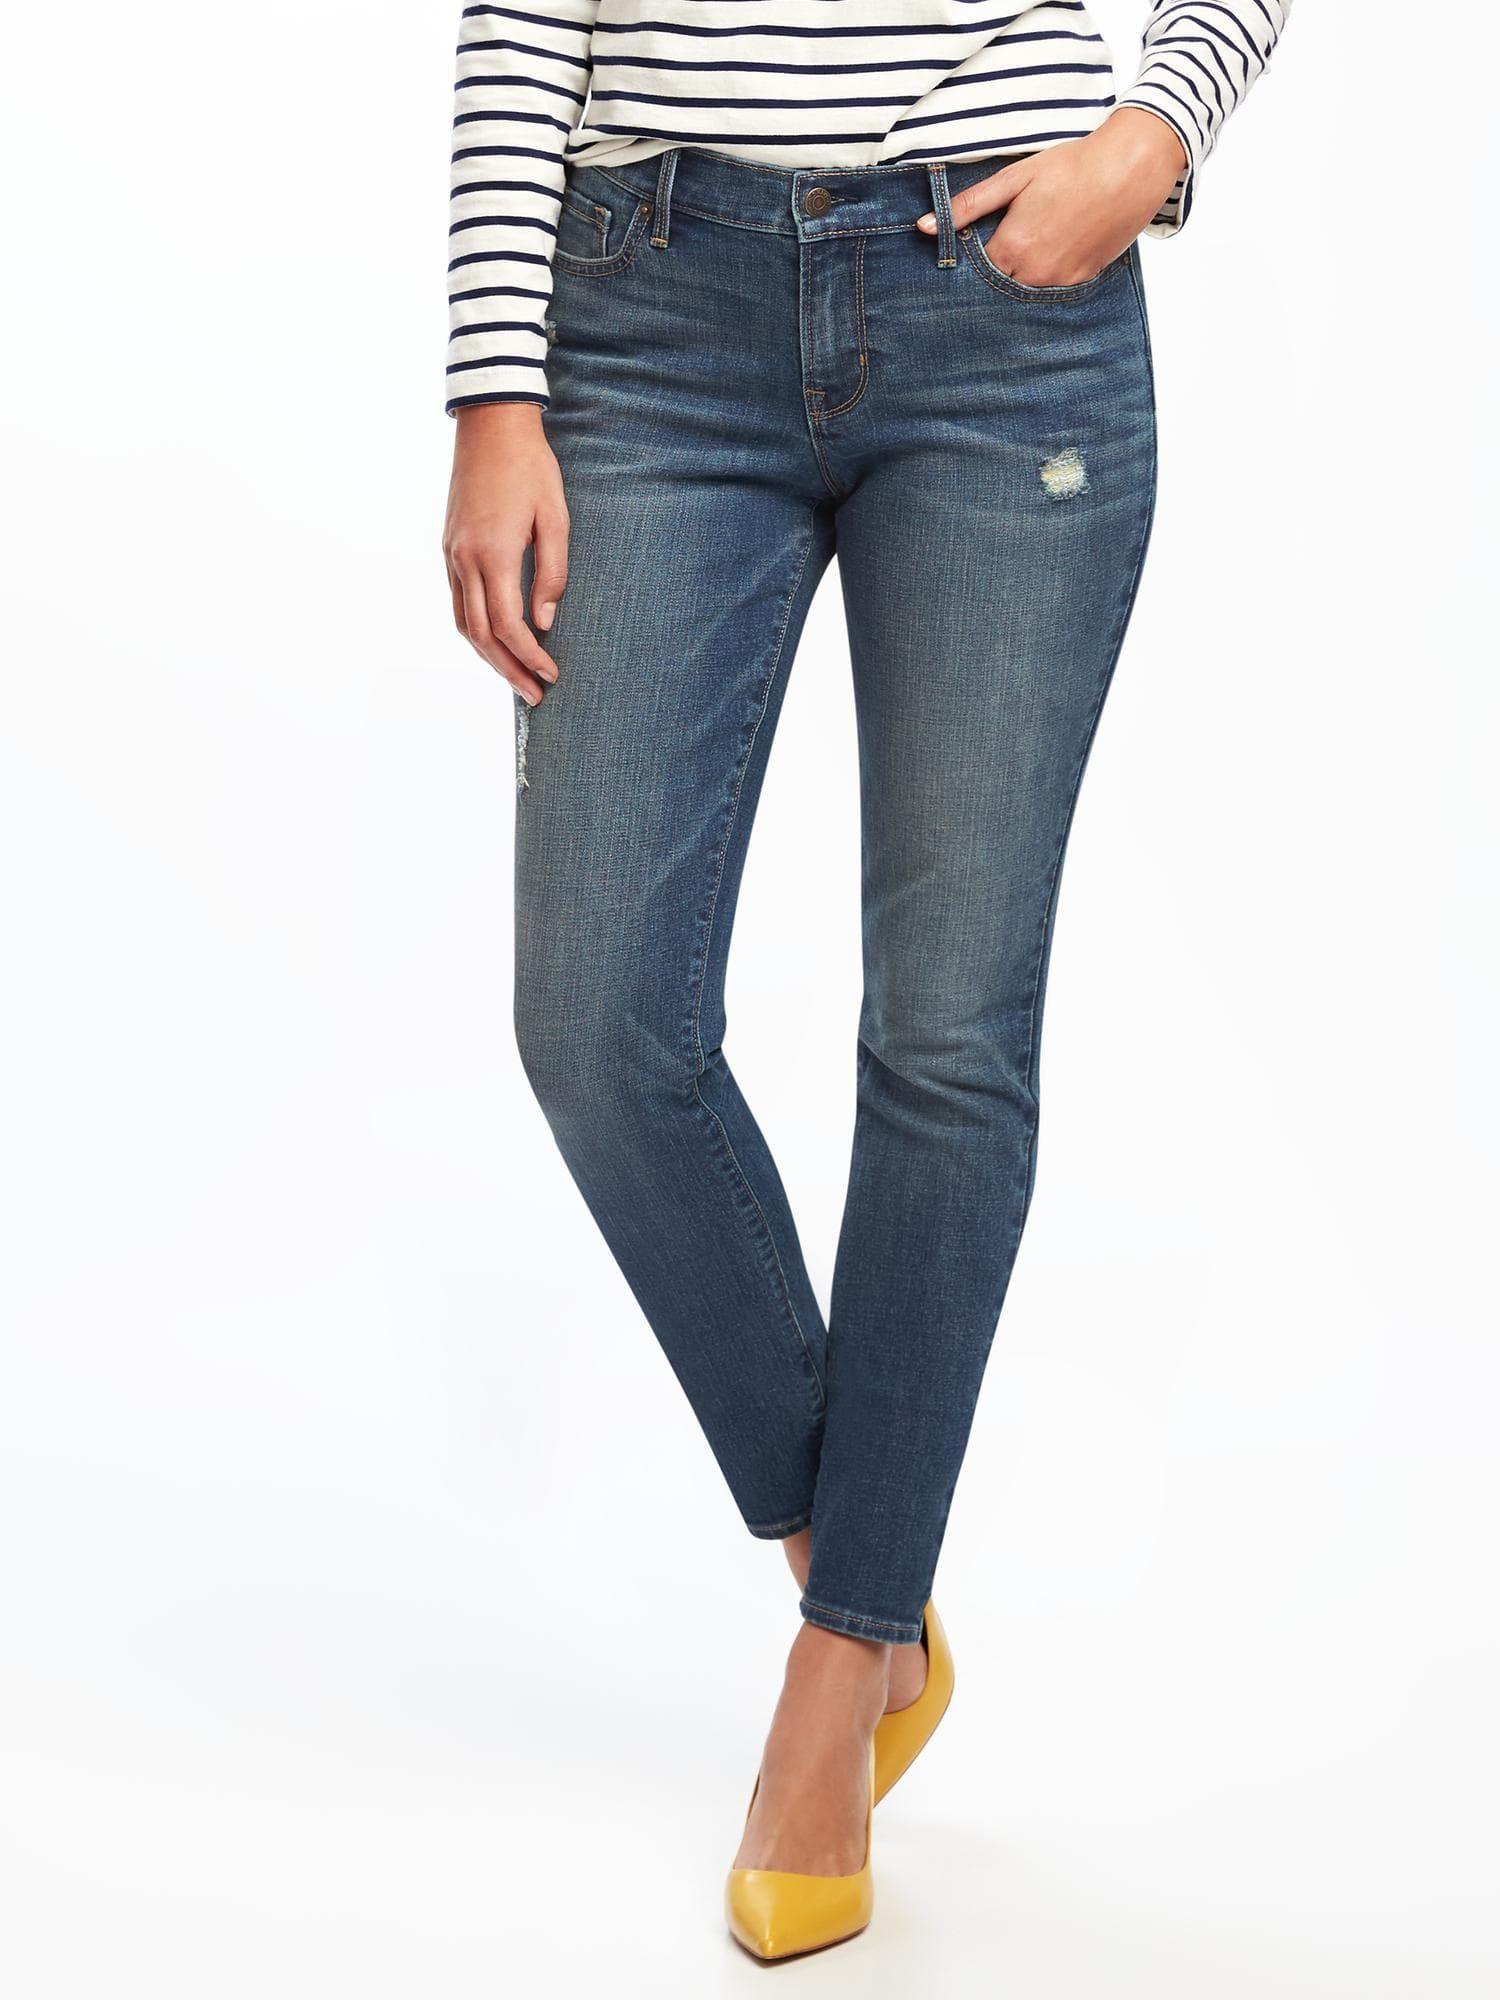 Ich mag zierliche Jeans, Amateur Girls strippen zum ersten Mal